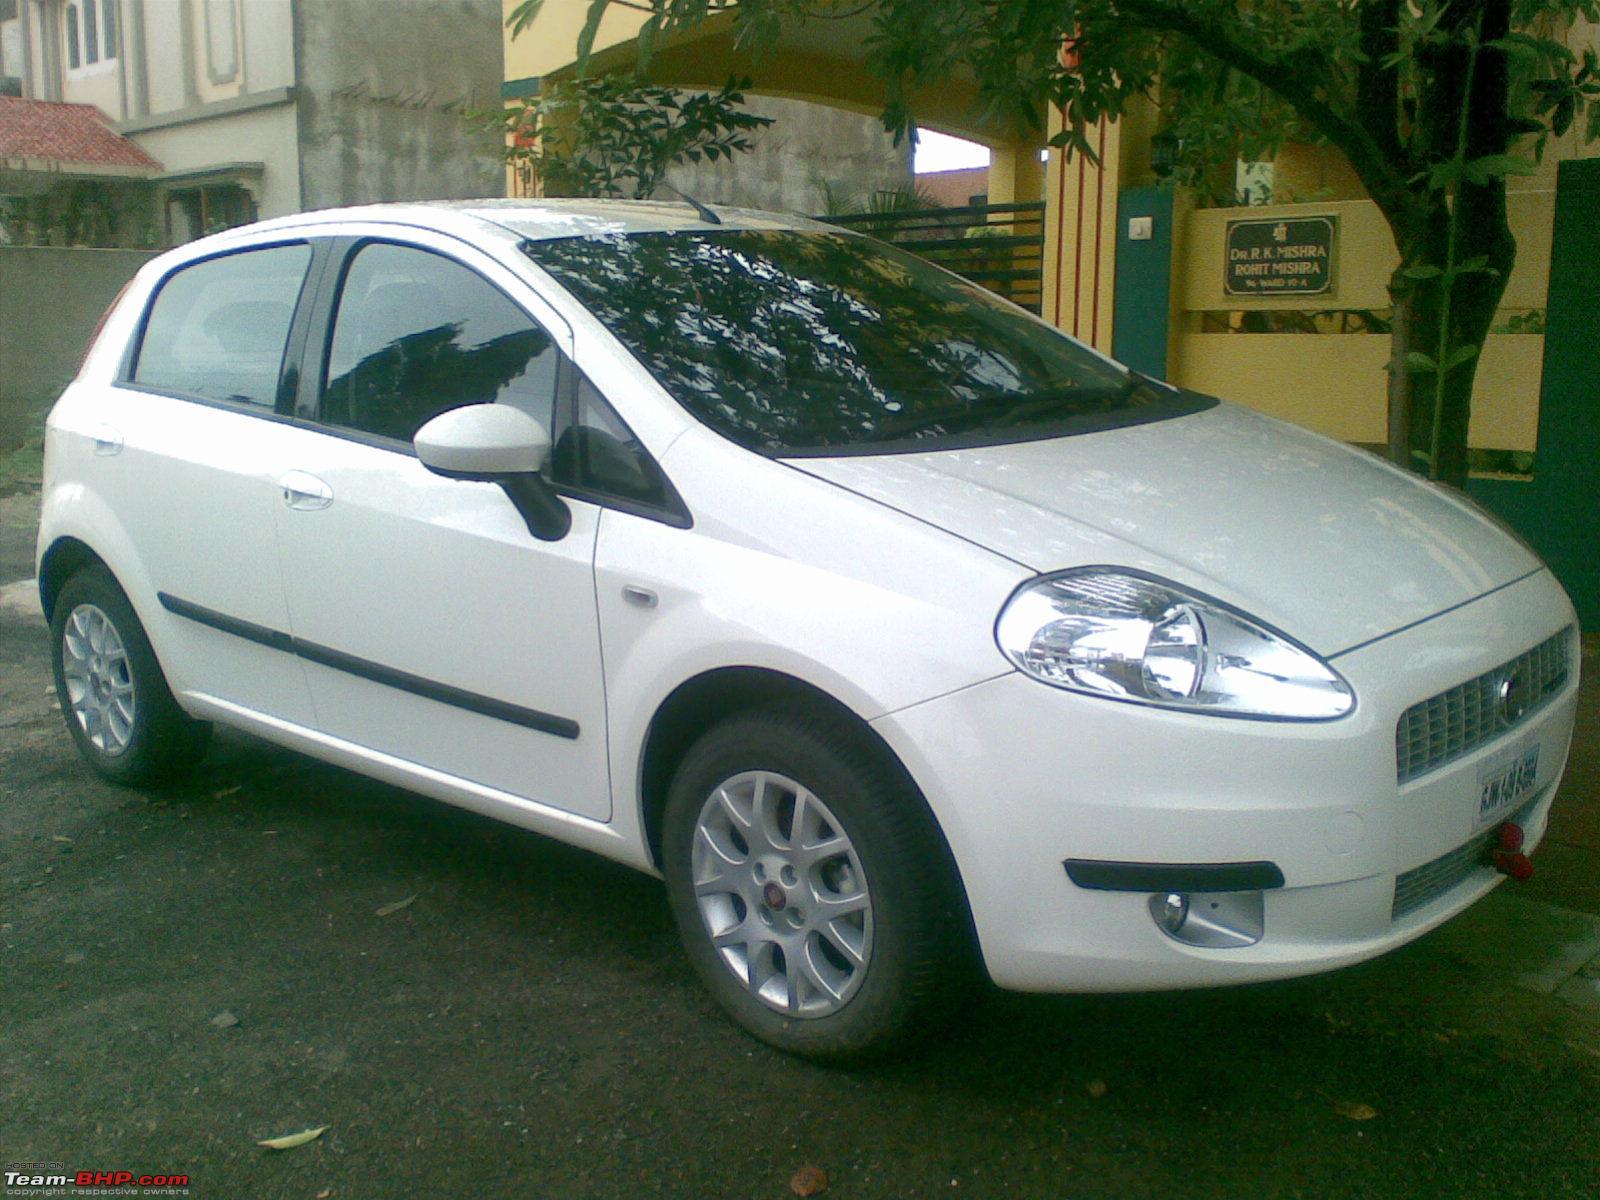 FIAT PUNTO white